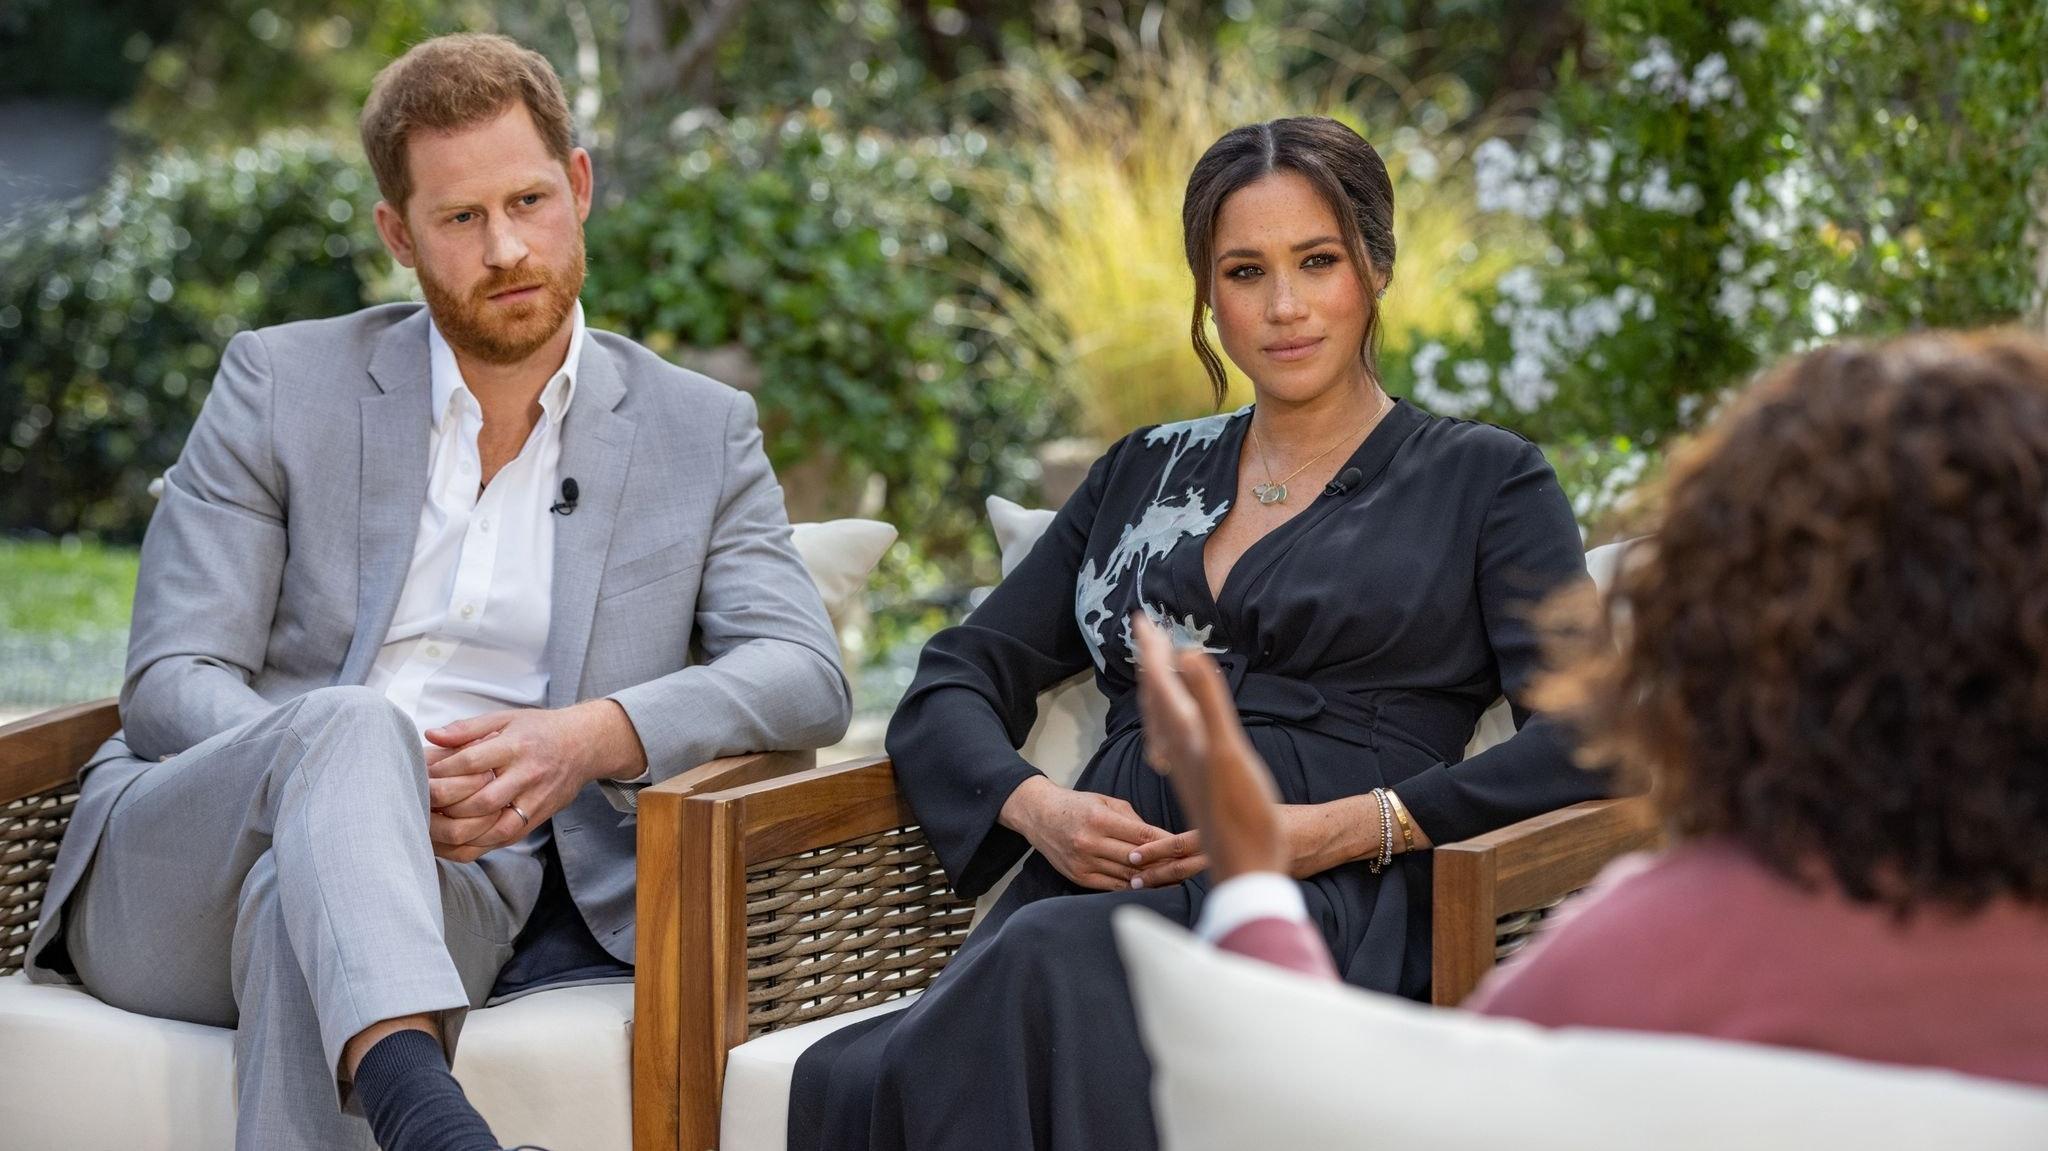 Prinz Harry und Herzogin Meghan sprechen mit Oprah Winfrey über das Leben am britischen Königshaus. Foto: dpa/Pugliese/Harpo Productions/PA Media